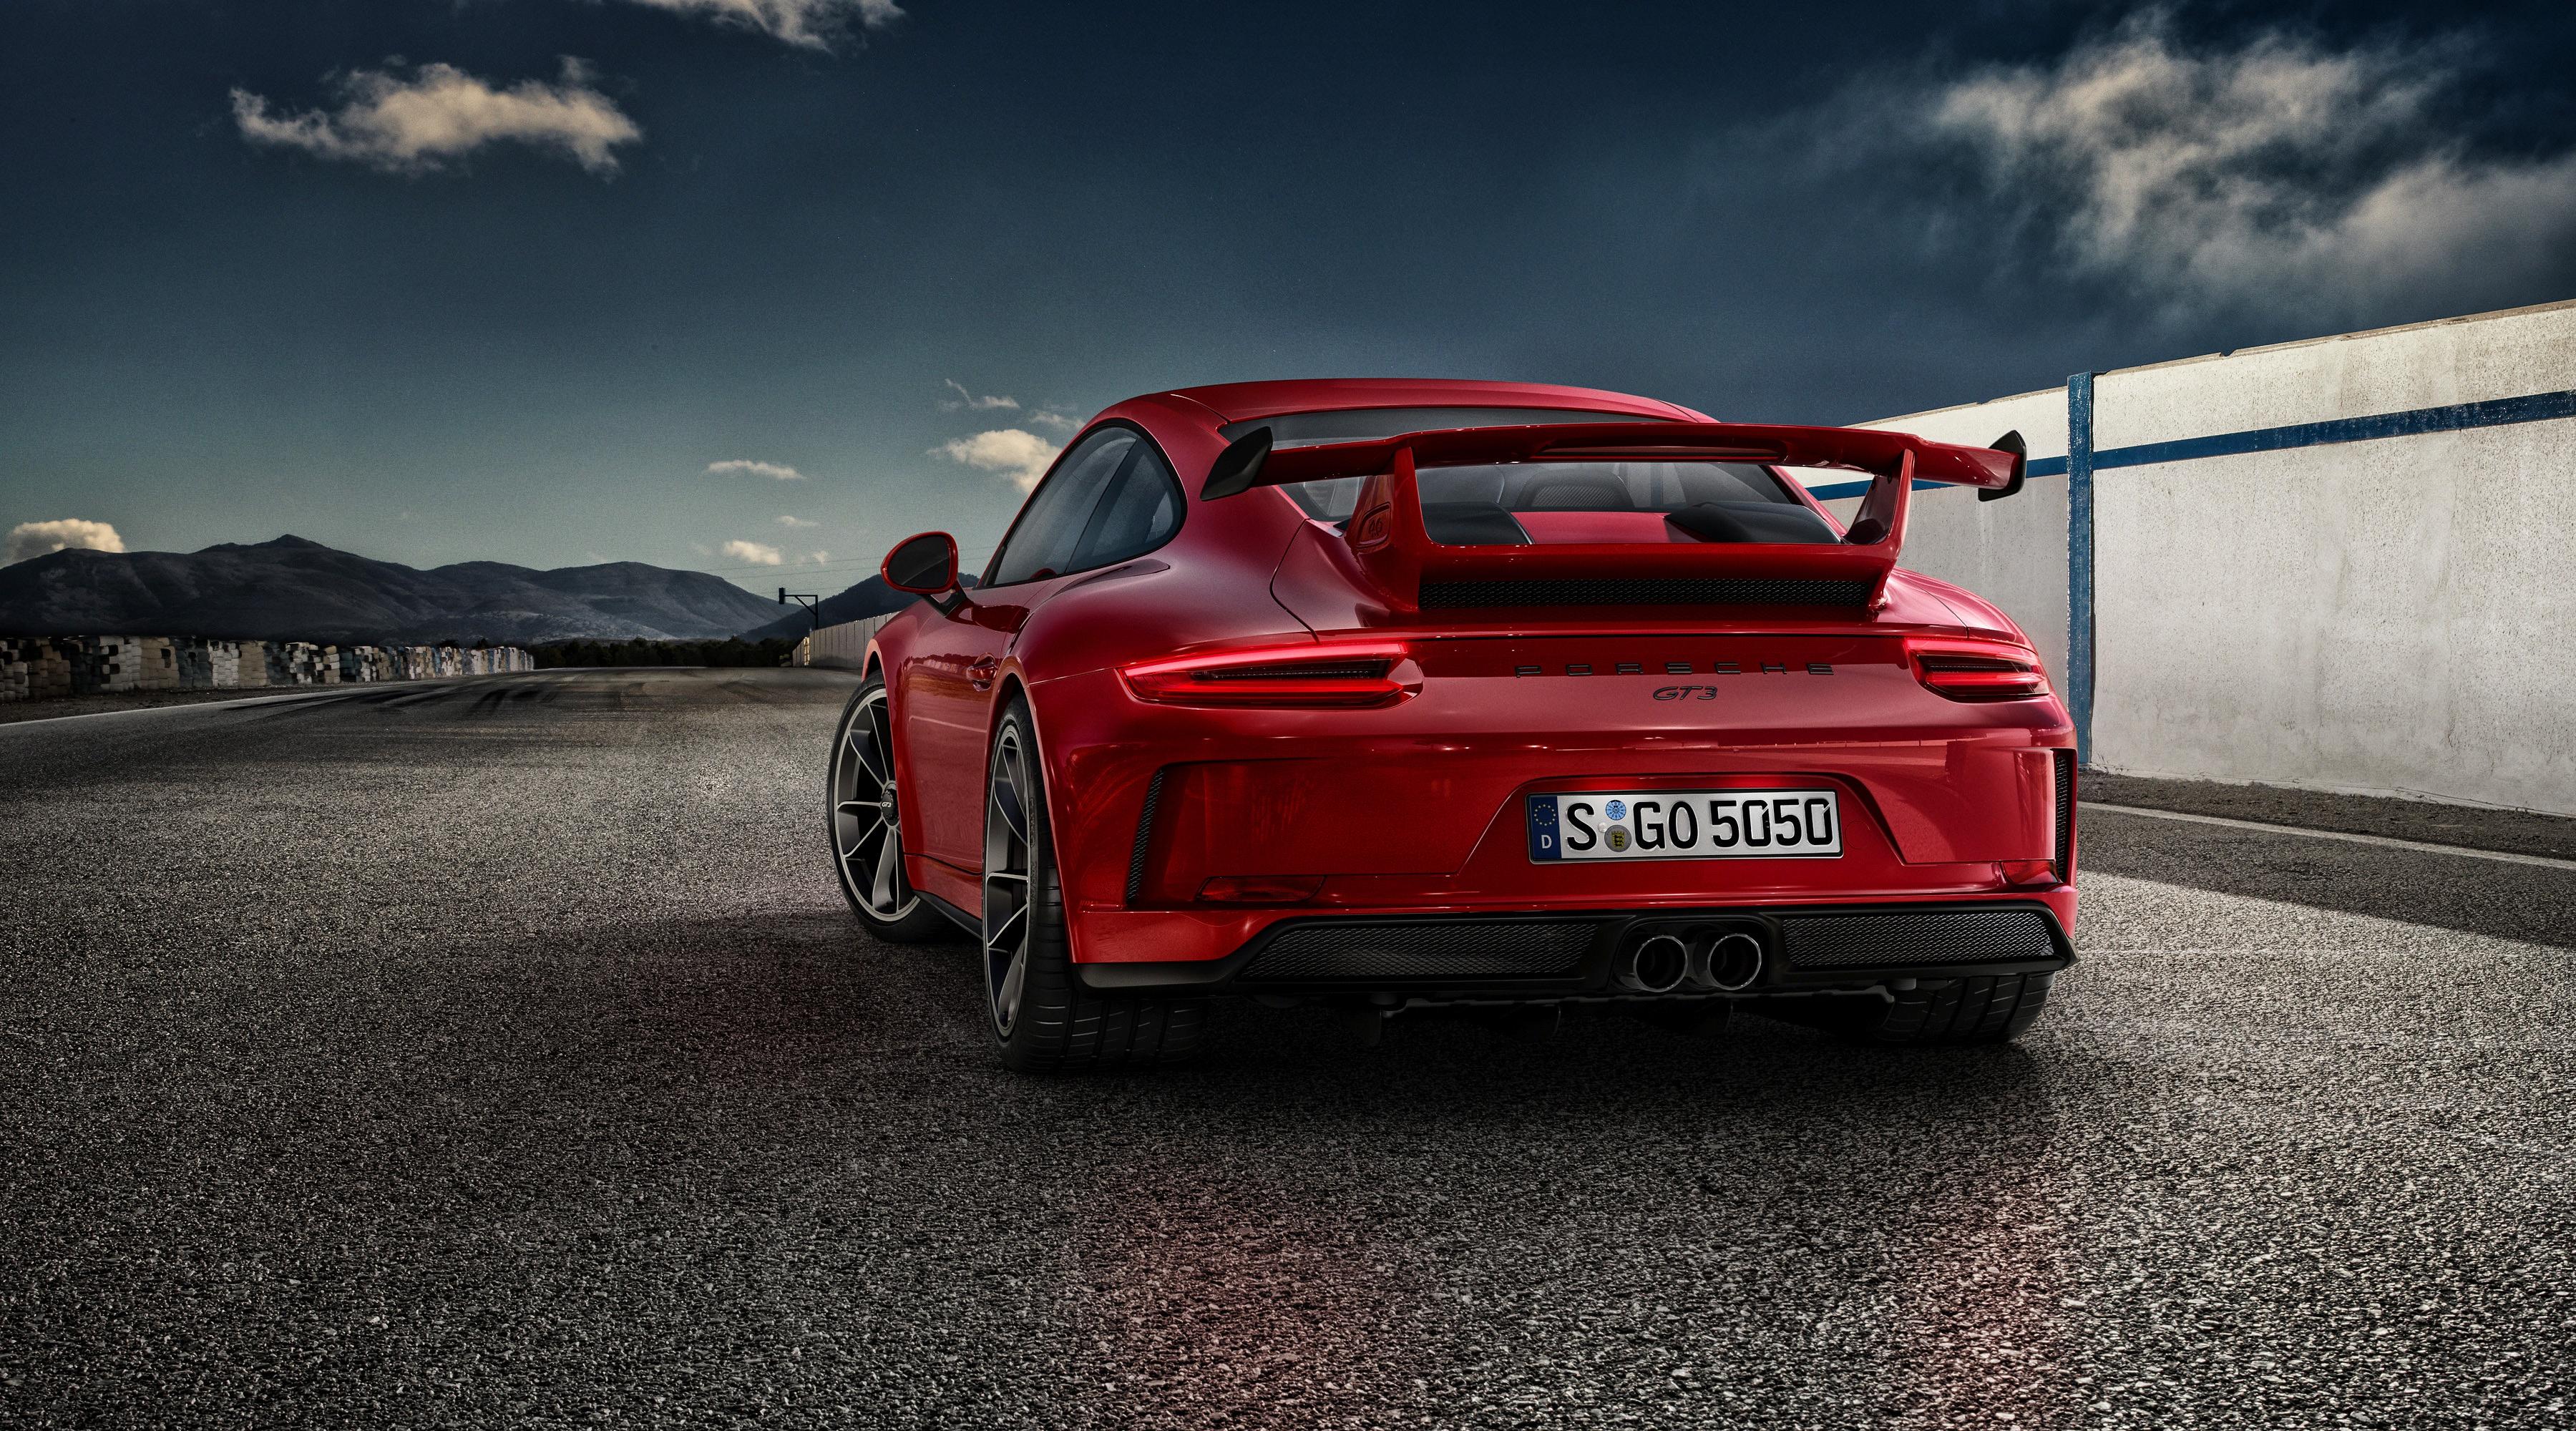 Porsche 911 GT3 HD Wallpaper | Background Image | 3600x2000 | ID:809602 - Wallpaper Abyss